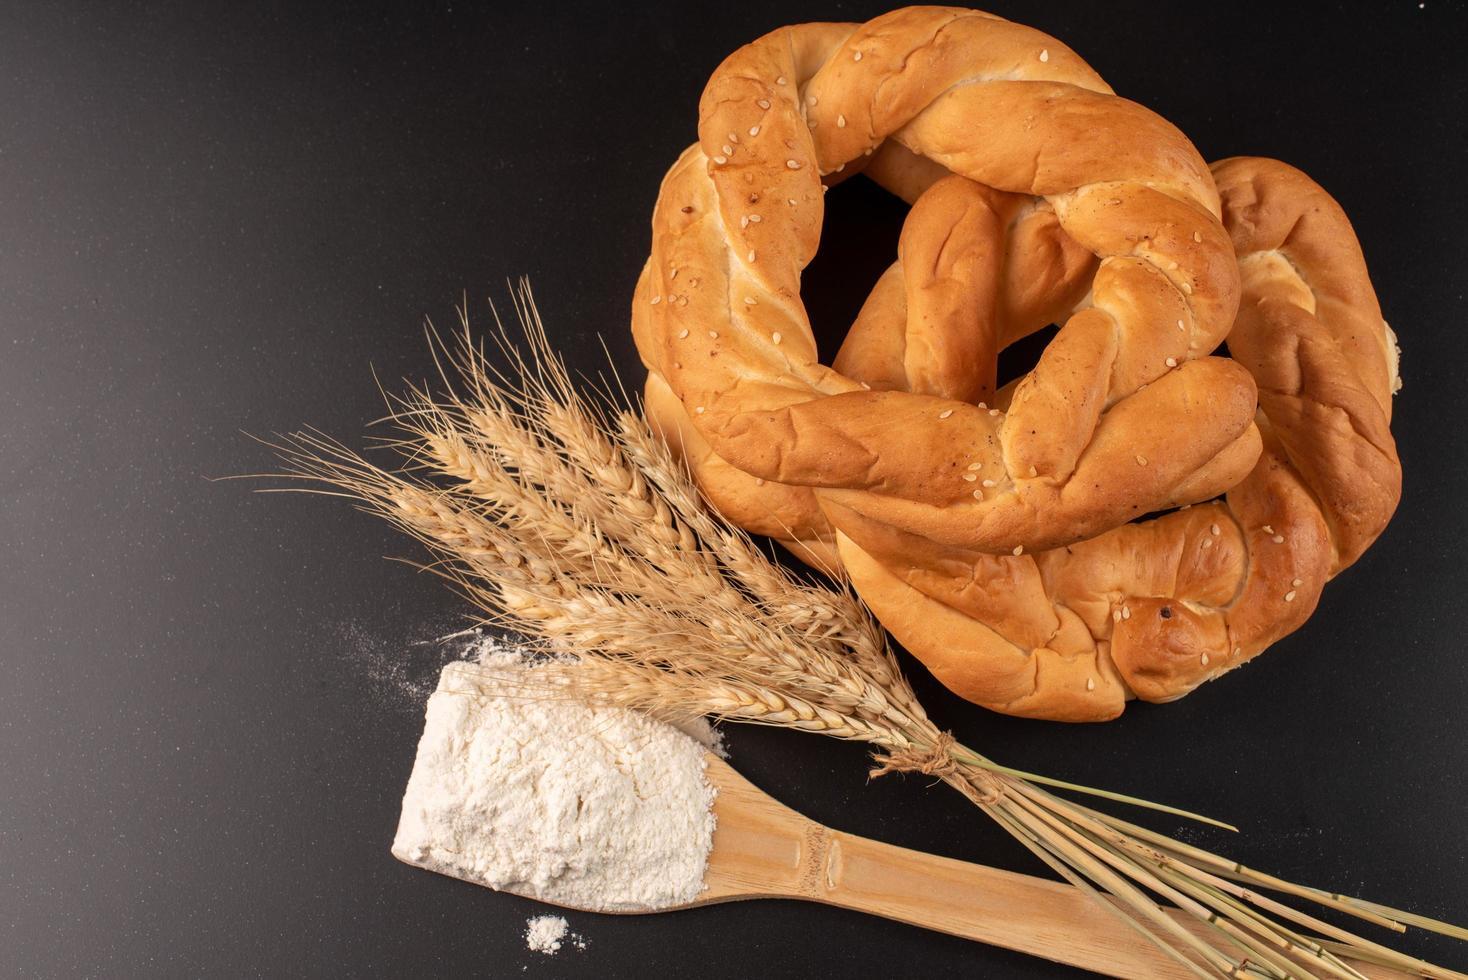 Pretzels and wheat on dark background photo